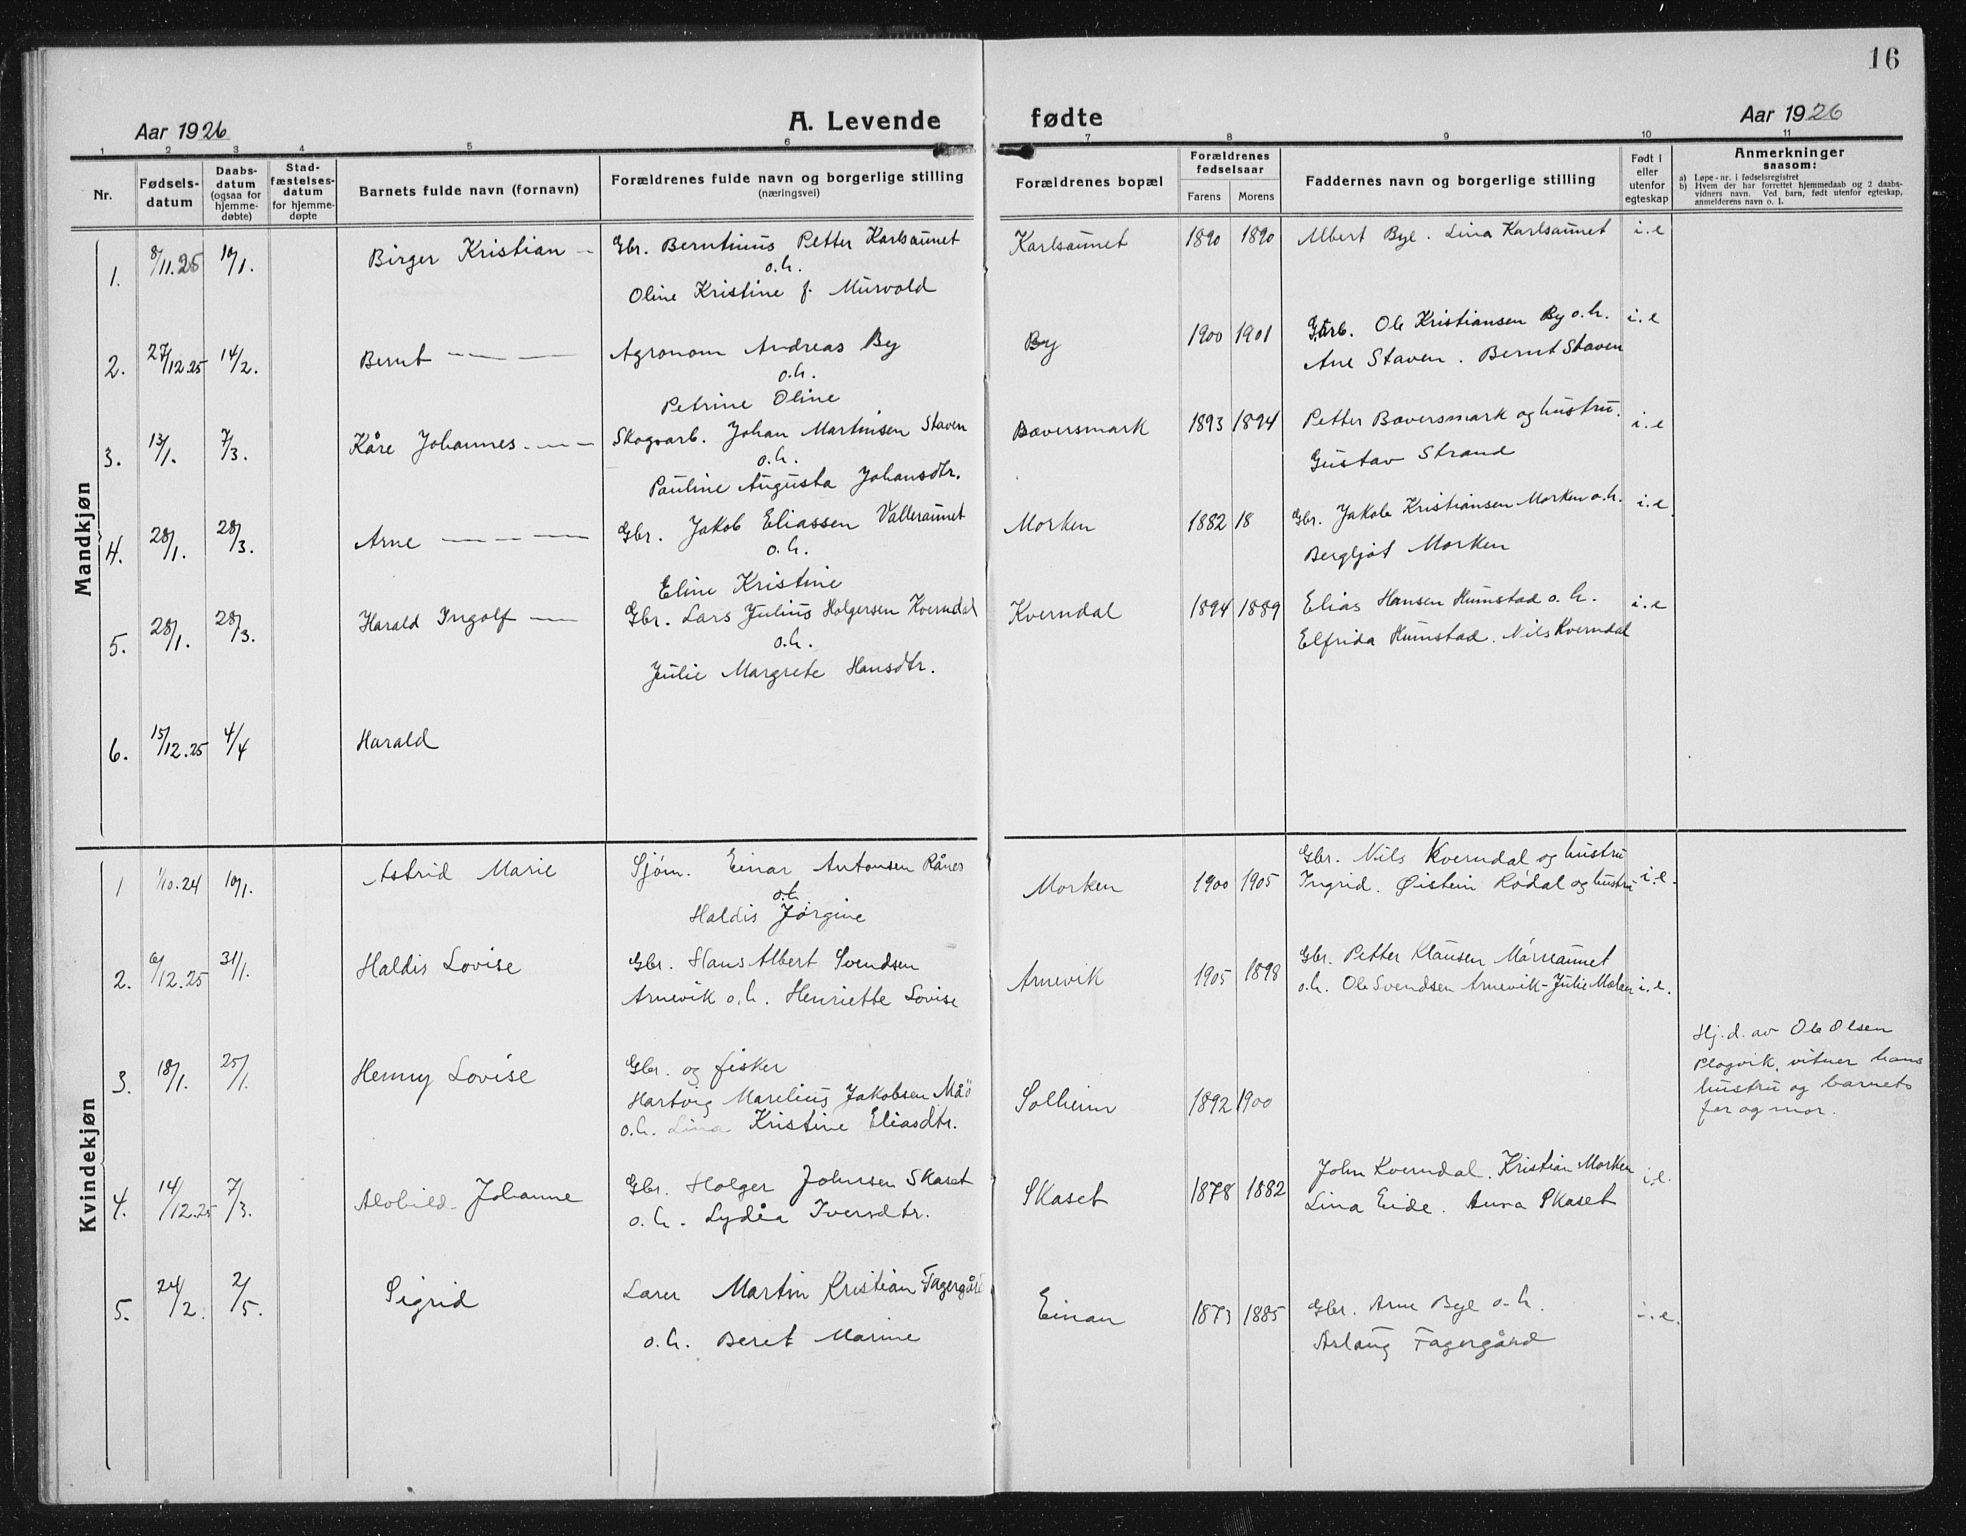 SAT, Ministerialprotokoller, klokkerbøker og fødselsregistre - Sør-Trøndelag, 655/L0689: Klokkerbok nr. 655C05, 1922-1936, s. 16